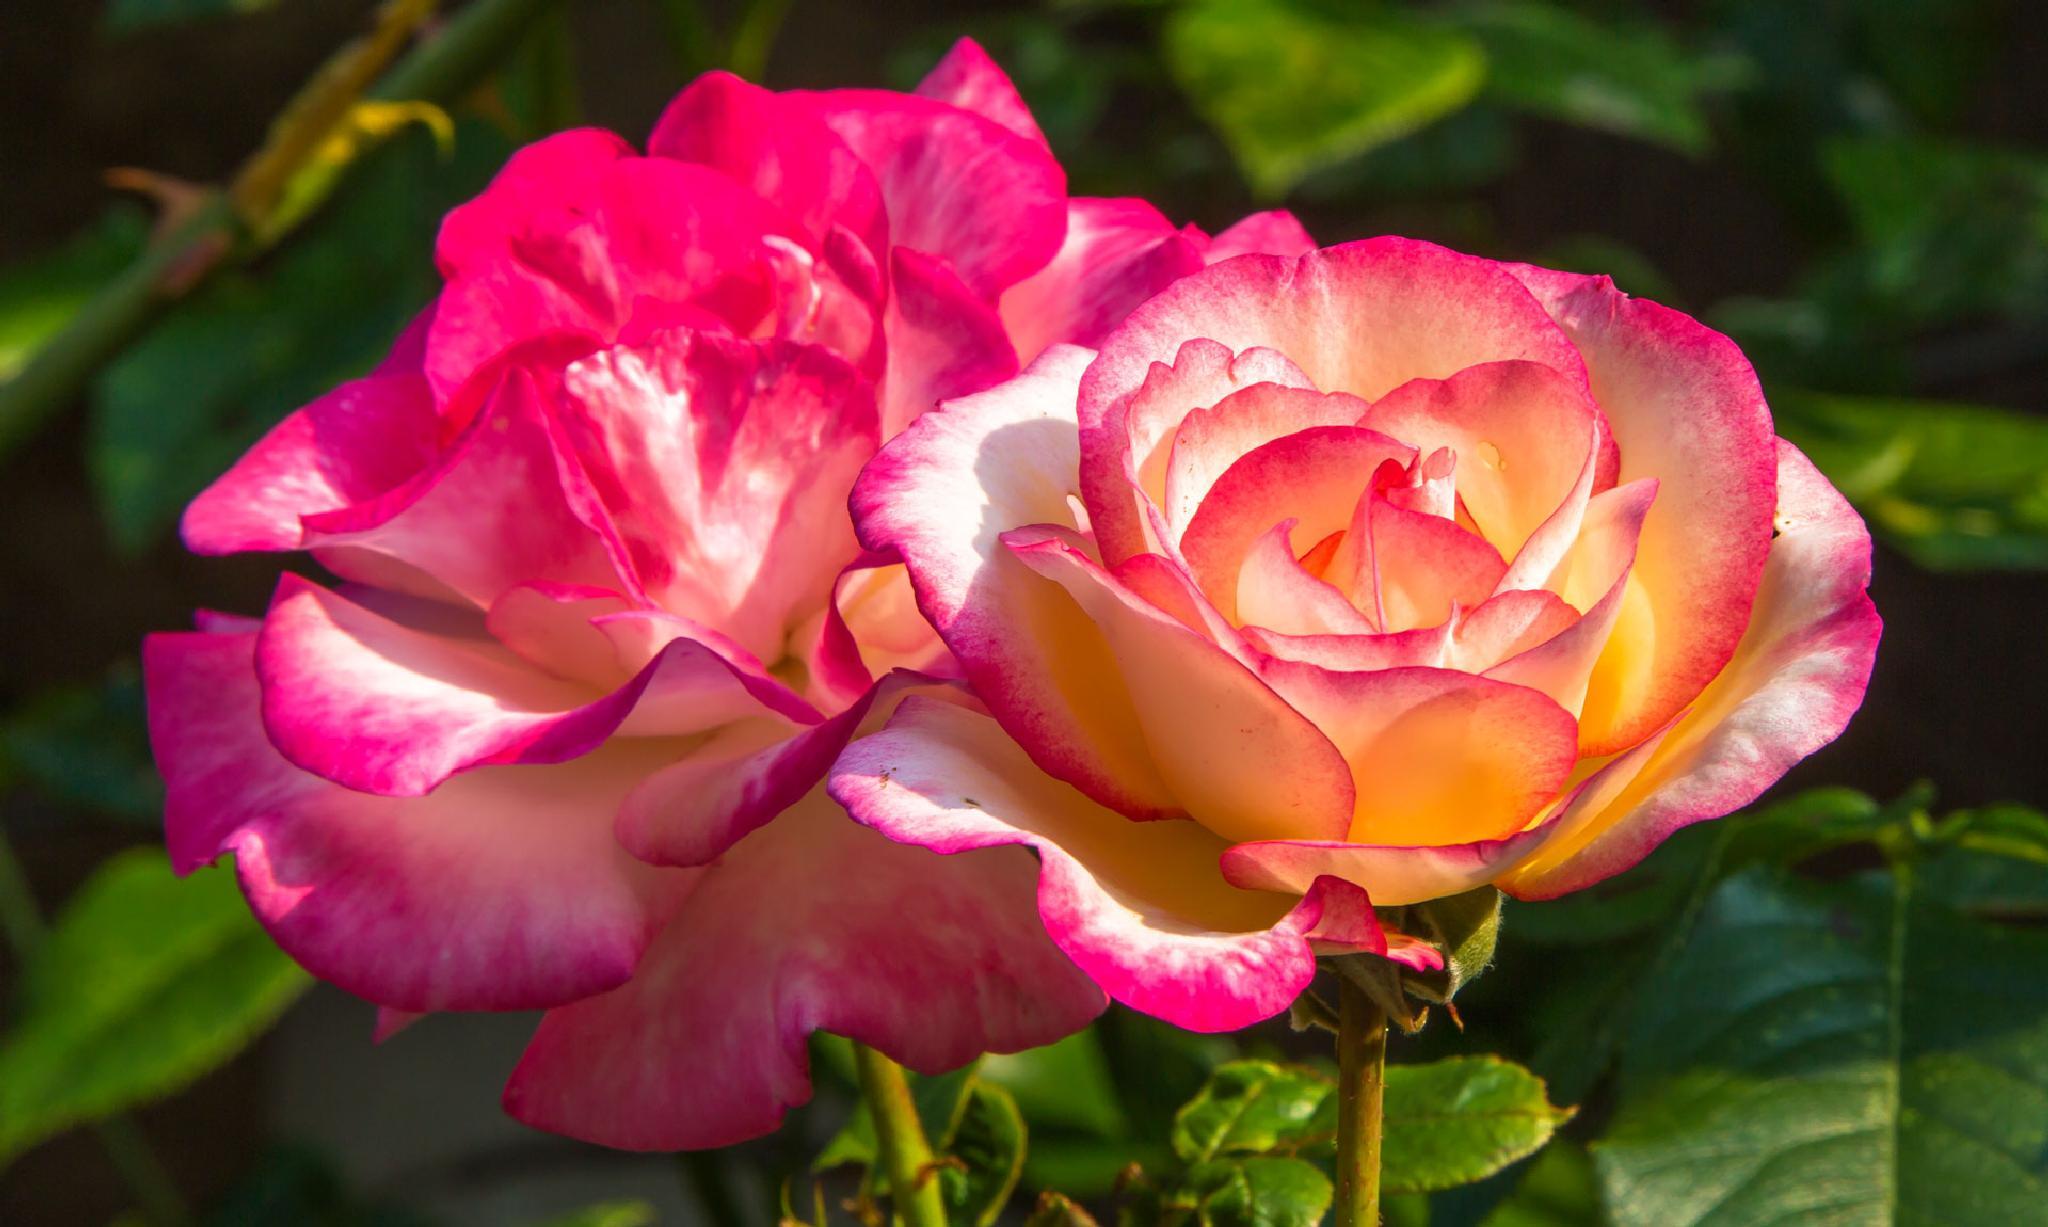 Roses by stanislav.horacek2